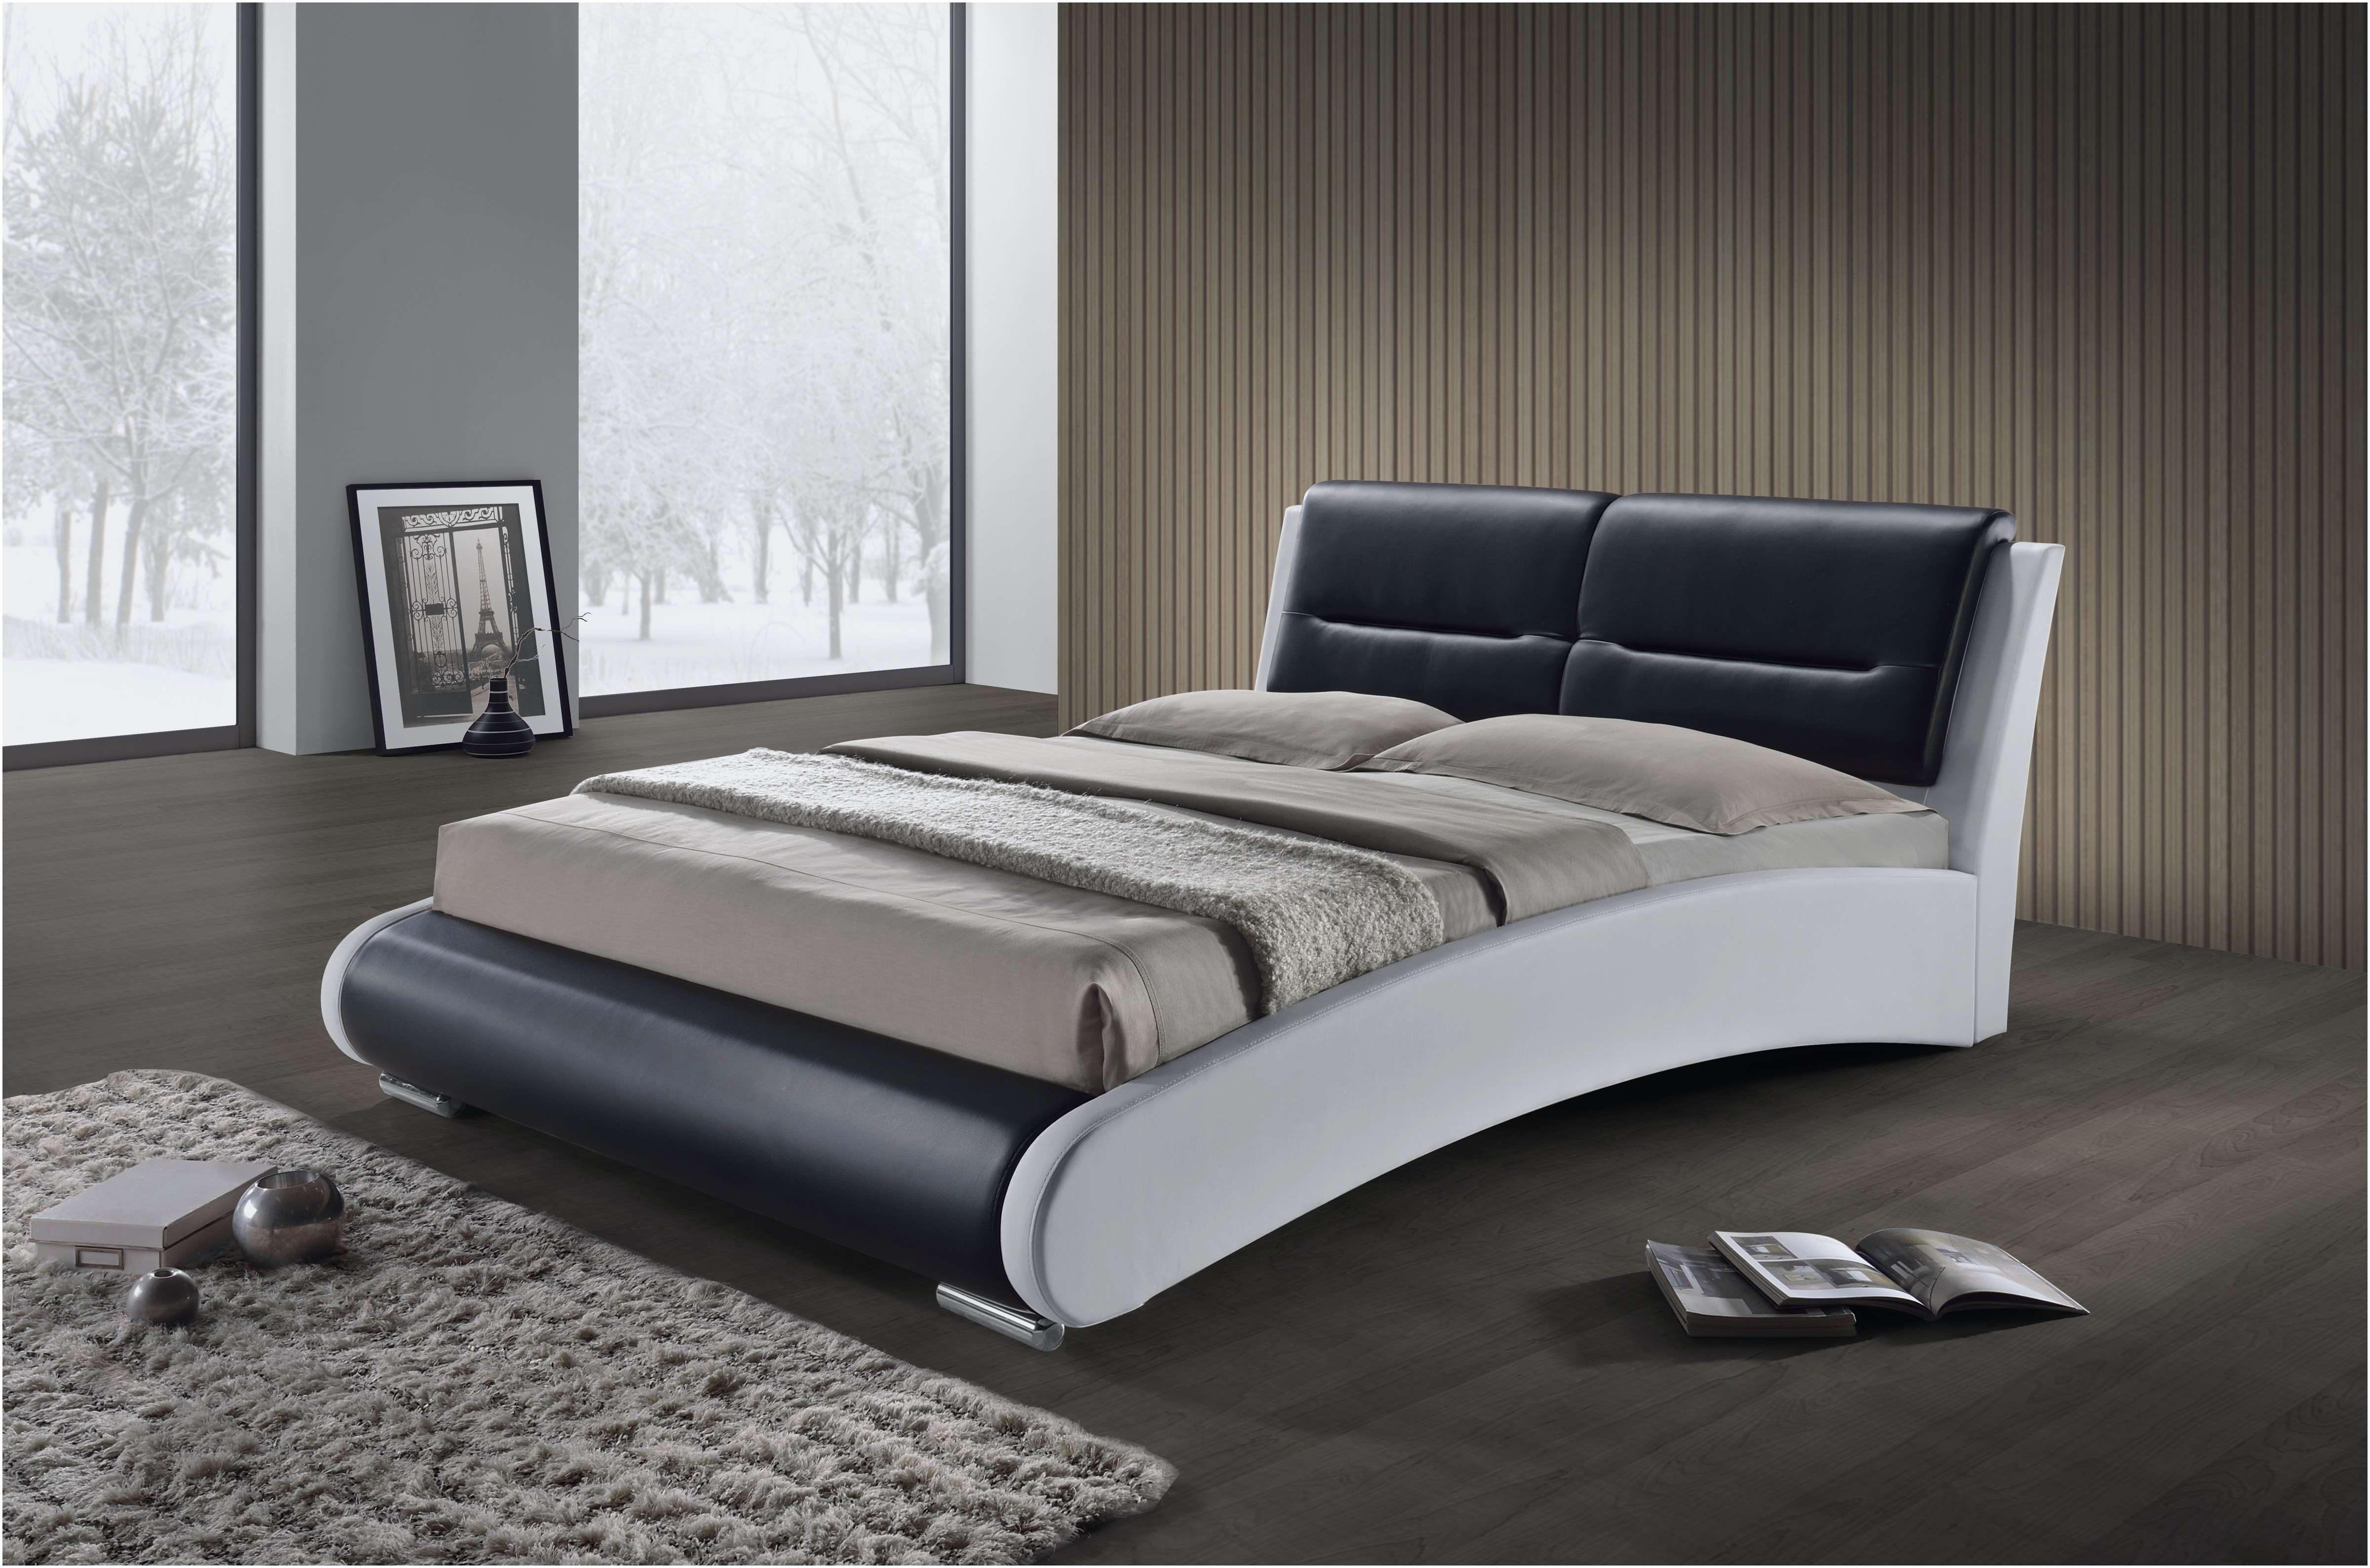 Canapé Lit 160×200 Génial Nouveau Canape Banquette Lit Conforama Maison Design Apsip Pour